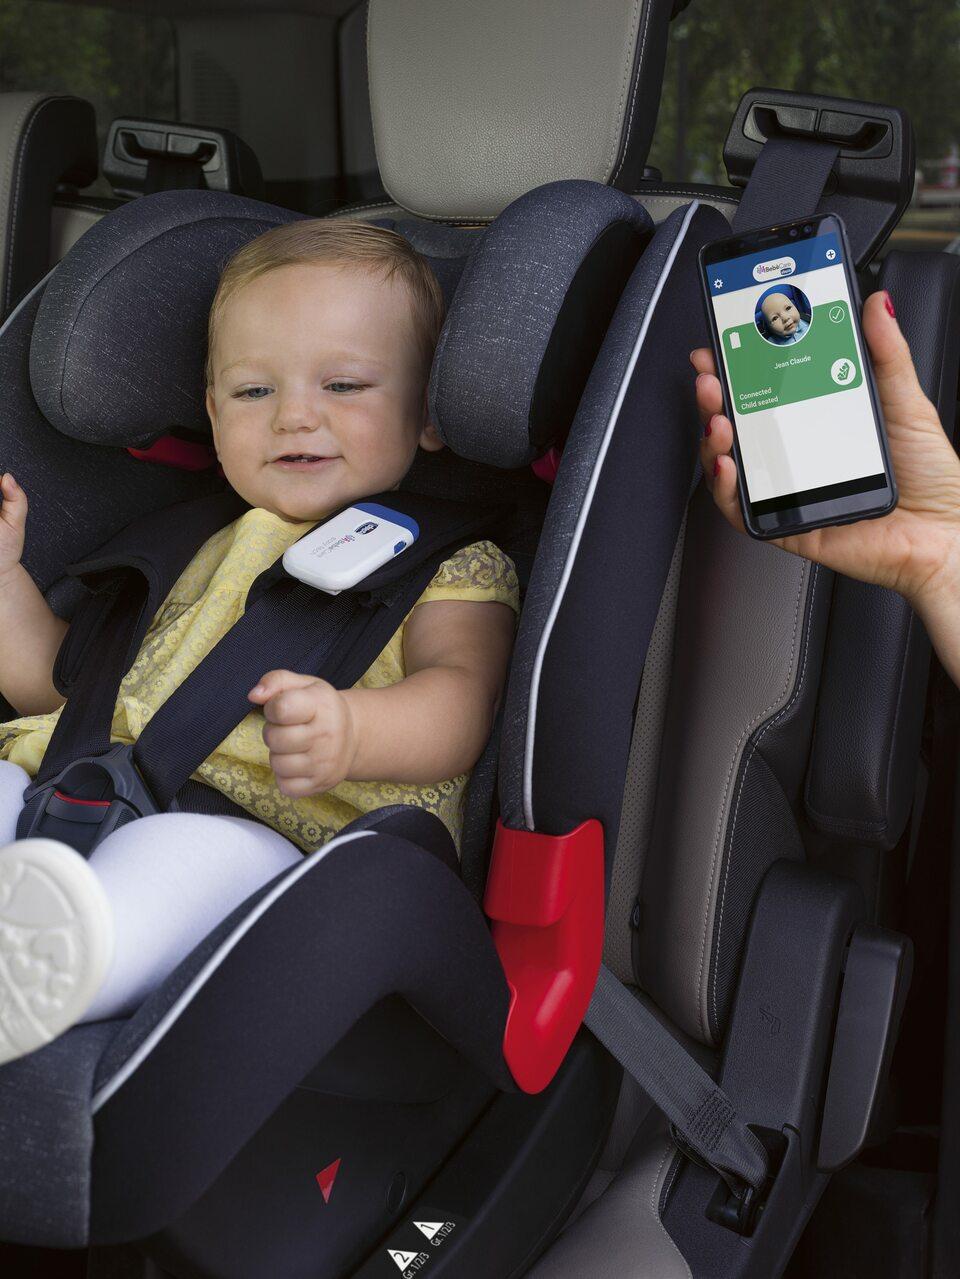 We Włoszech posiadanie systemu do ostrzegania o pozostawieniu dziecka w foteliku jest już obligatoryjne. Bebecare easy-tech marki Chicco można dostać także w Polsce